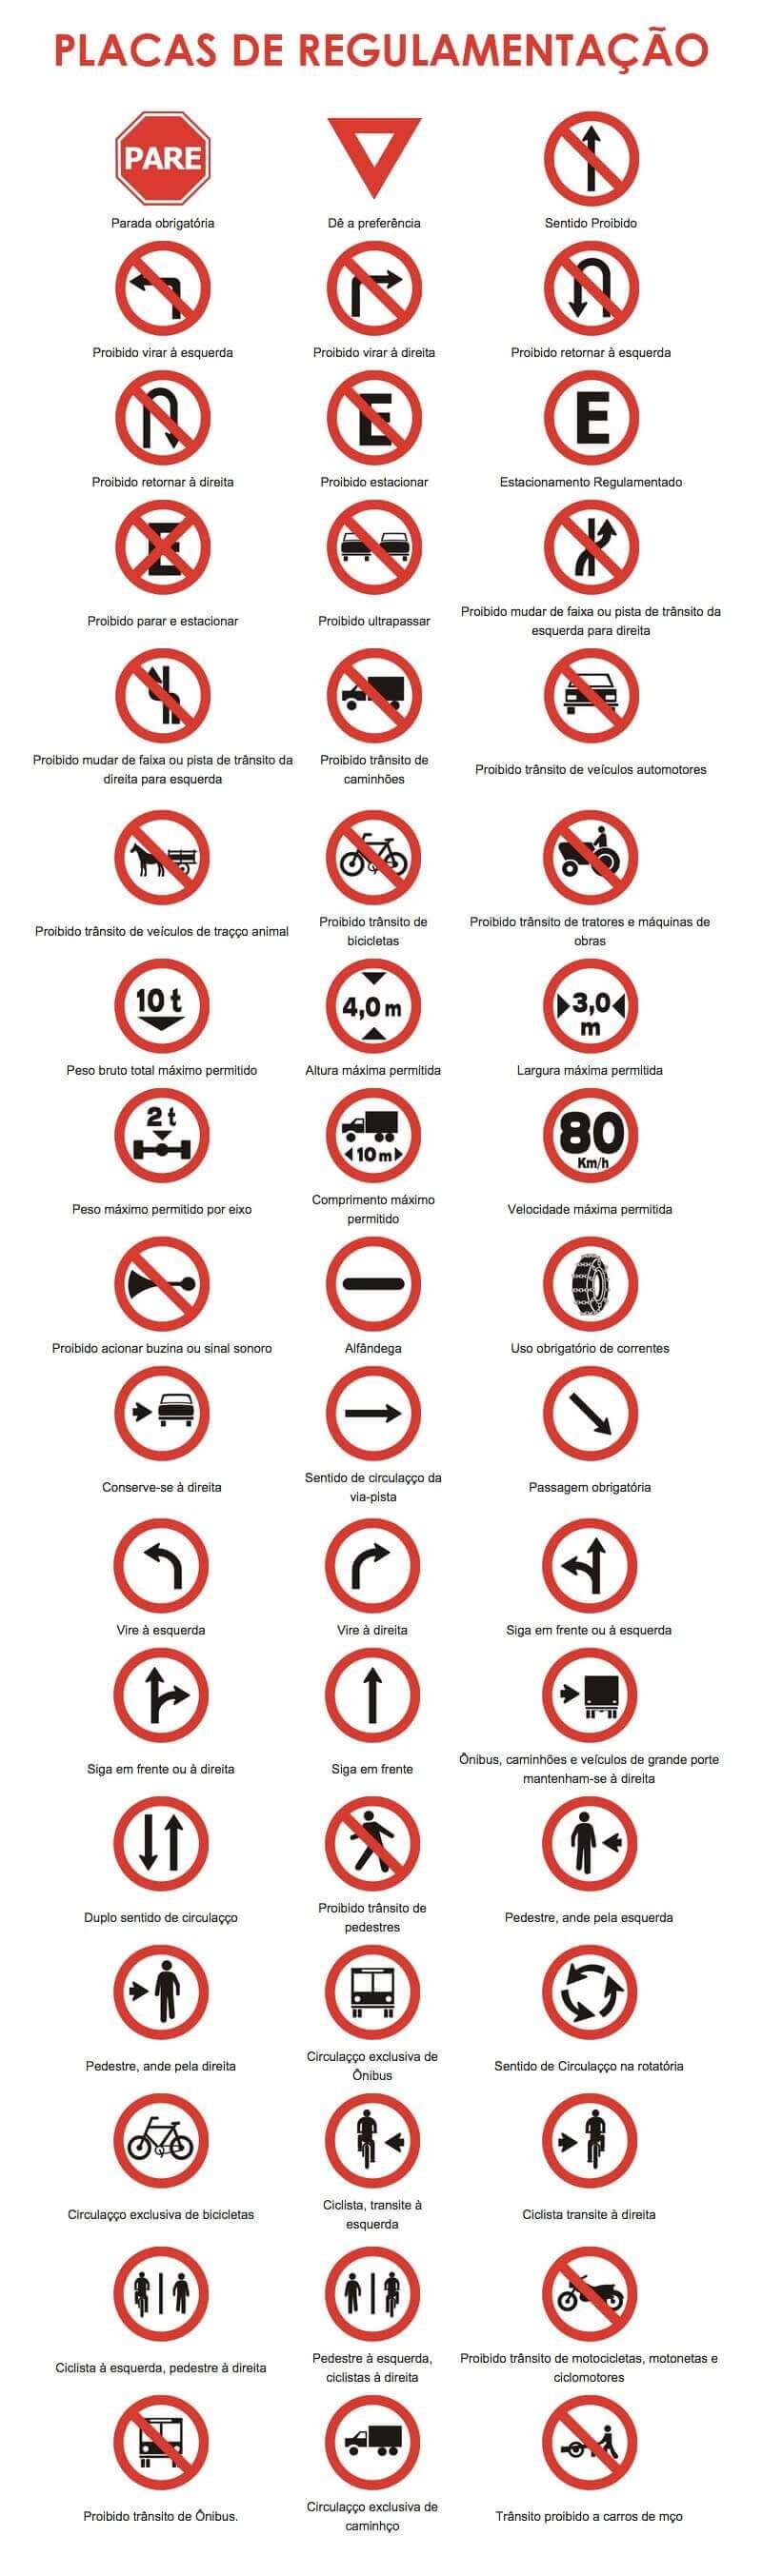 Imagem das placas de regulamentação